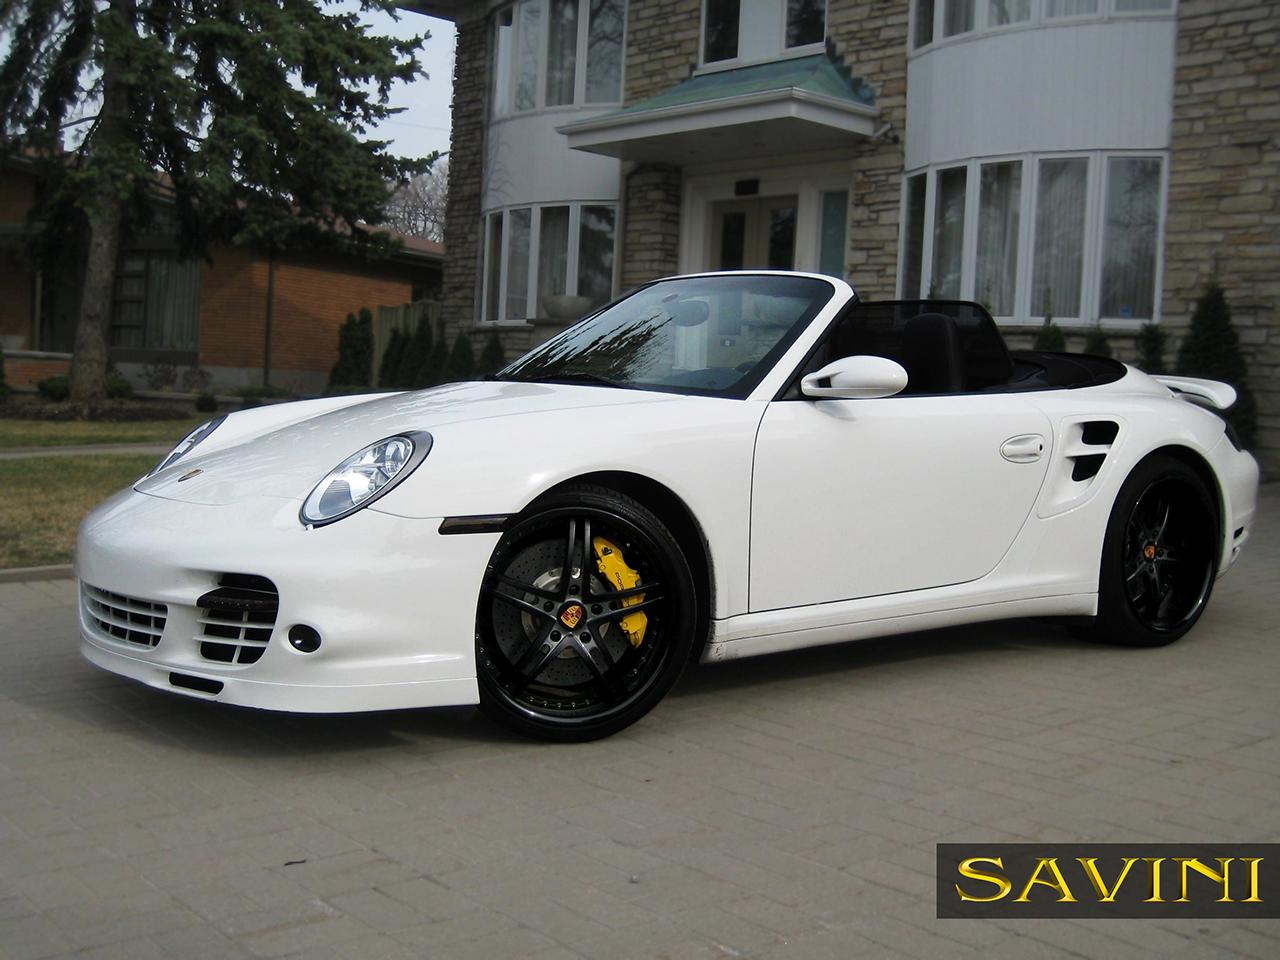 White Porsche 997 Savini Forged Wheels Sv23 S